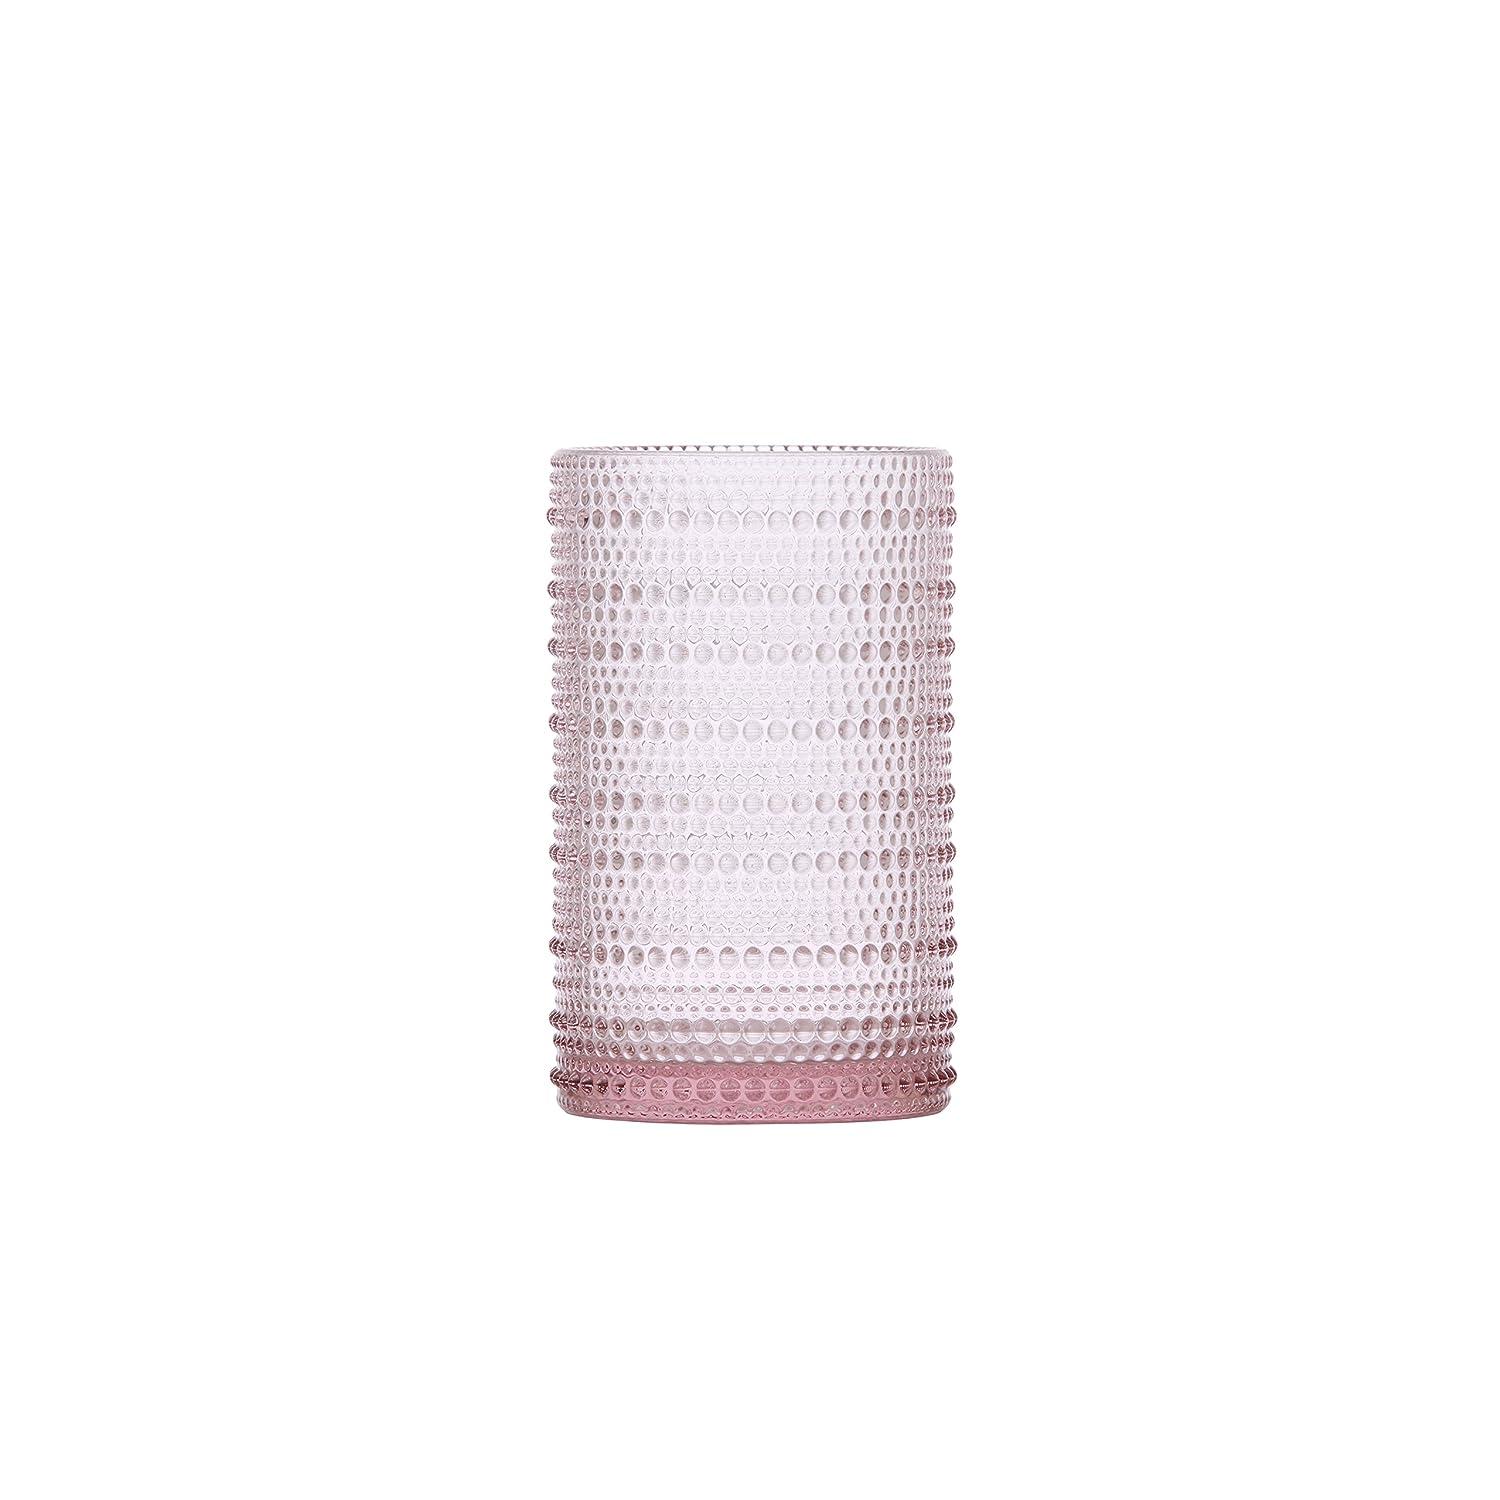 D&V Jupiter Glass Collection Iced Beverage, 13 Ounce, Pink, Set of 6